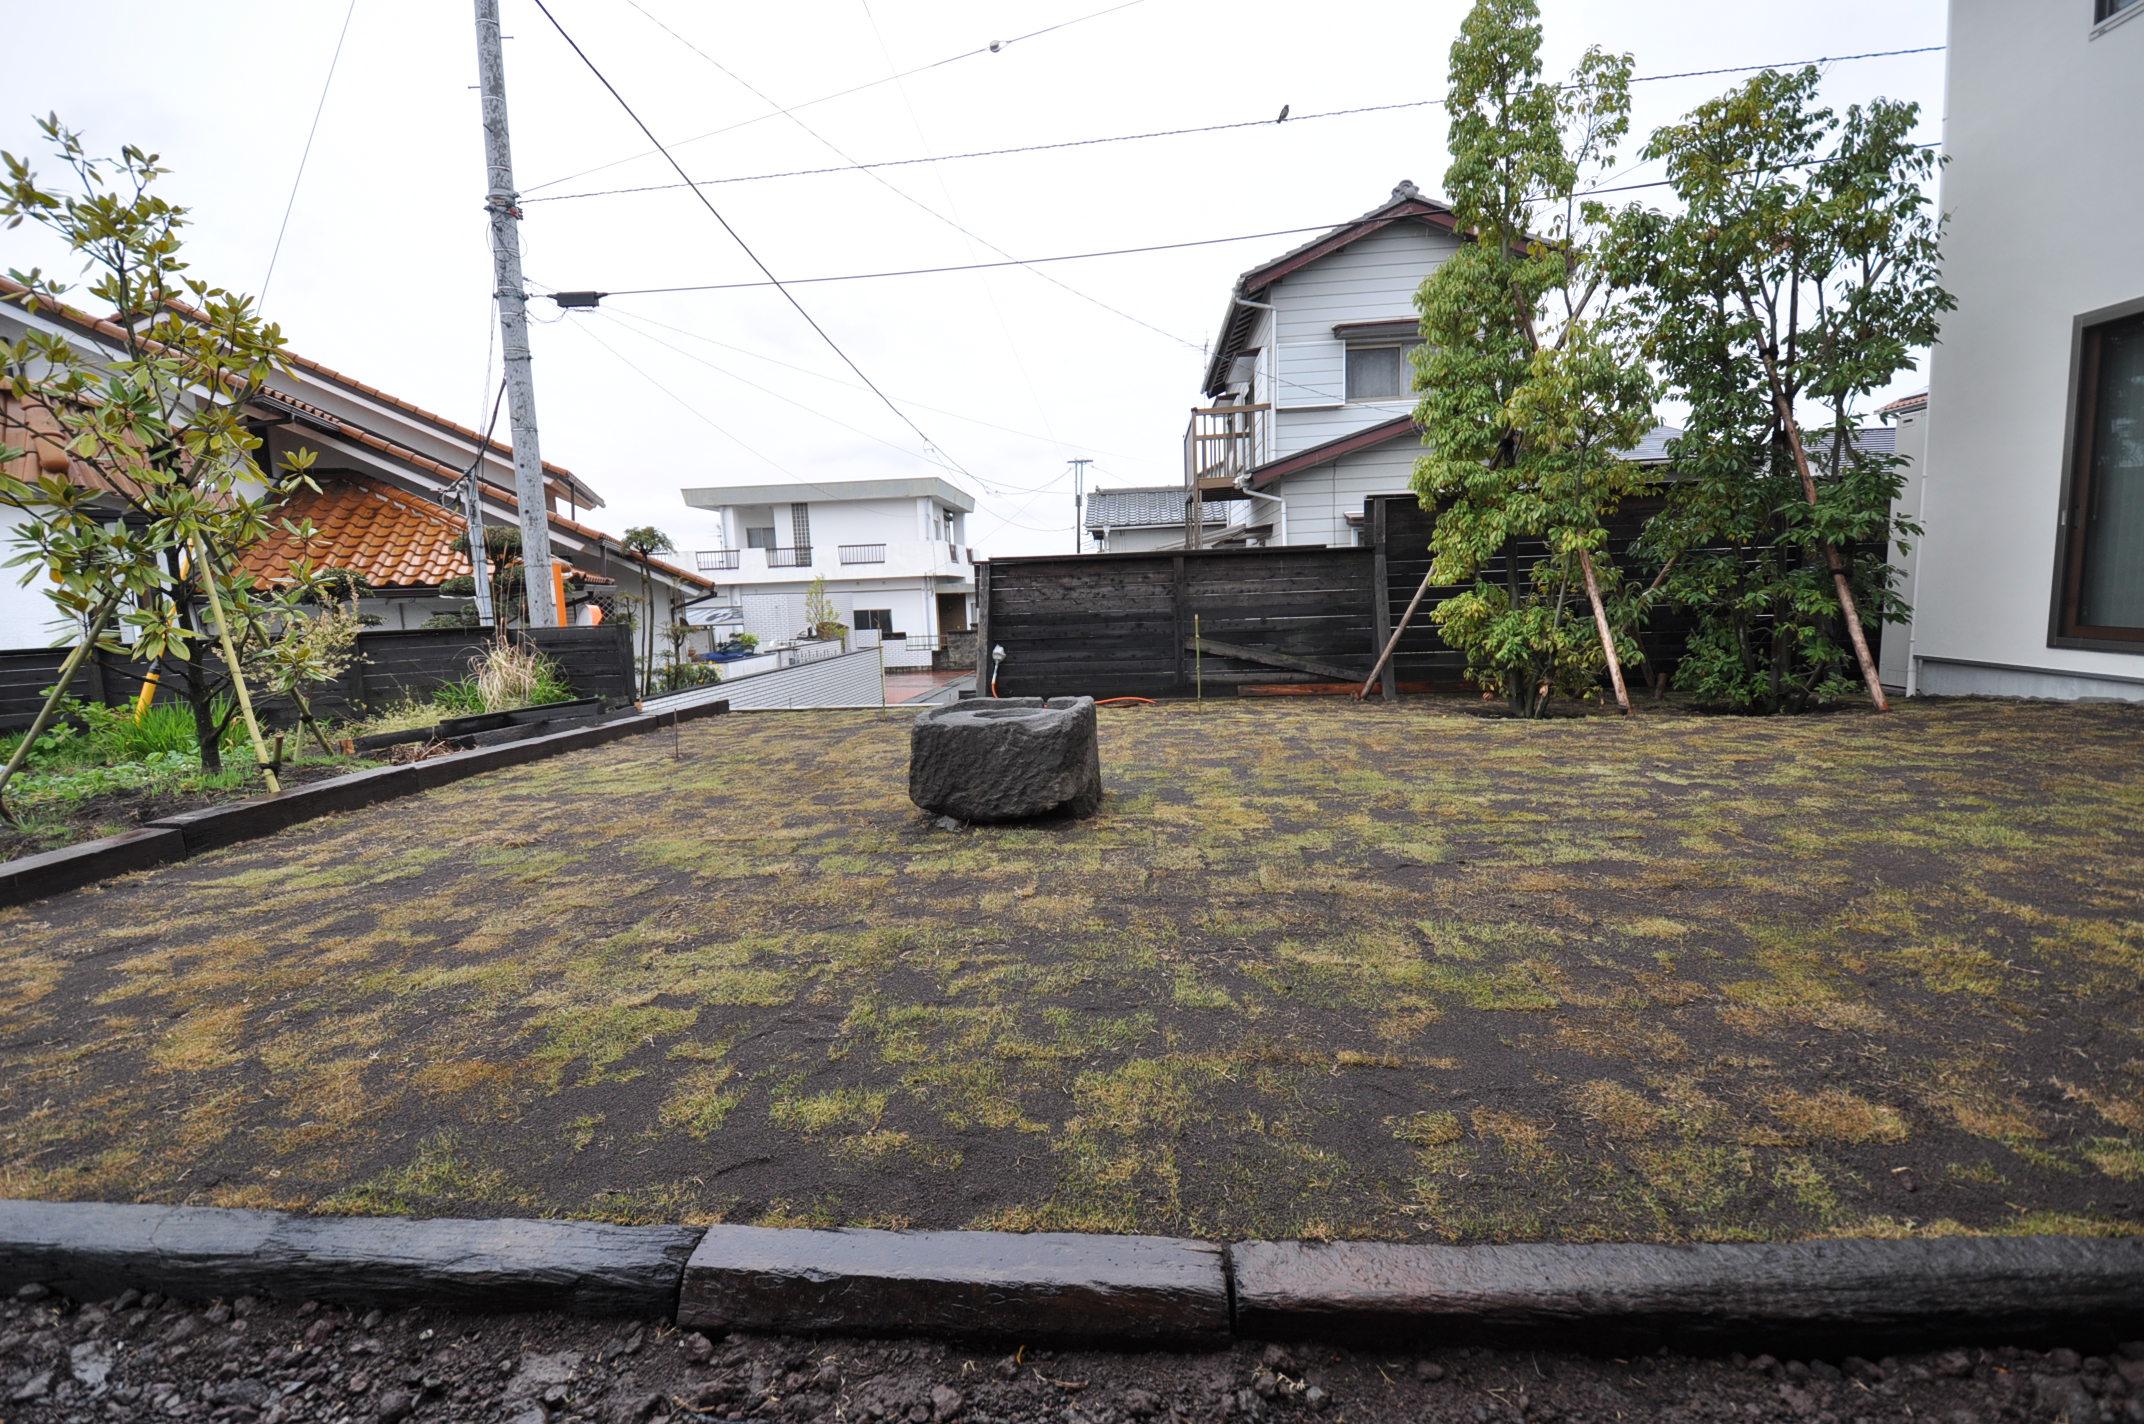 加藤忠男(加藤建築)【デザイン住宅、建築家、インテリア】広くとった庭には芝を張り、中央にTさんお気に入りの石のアートを据えた